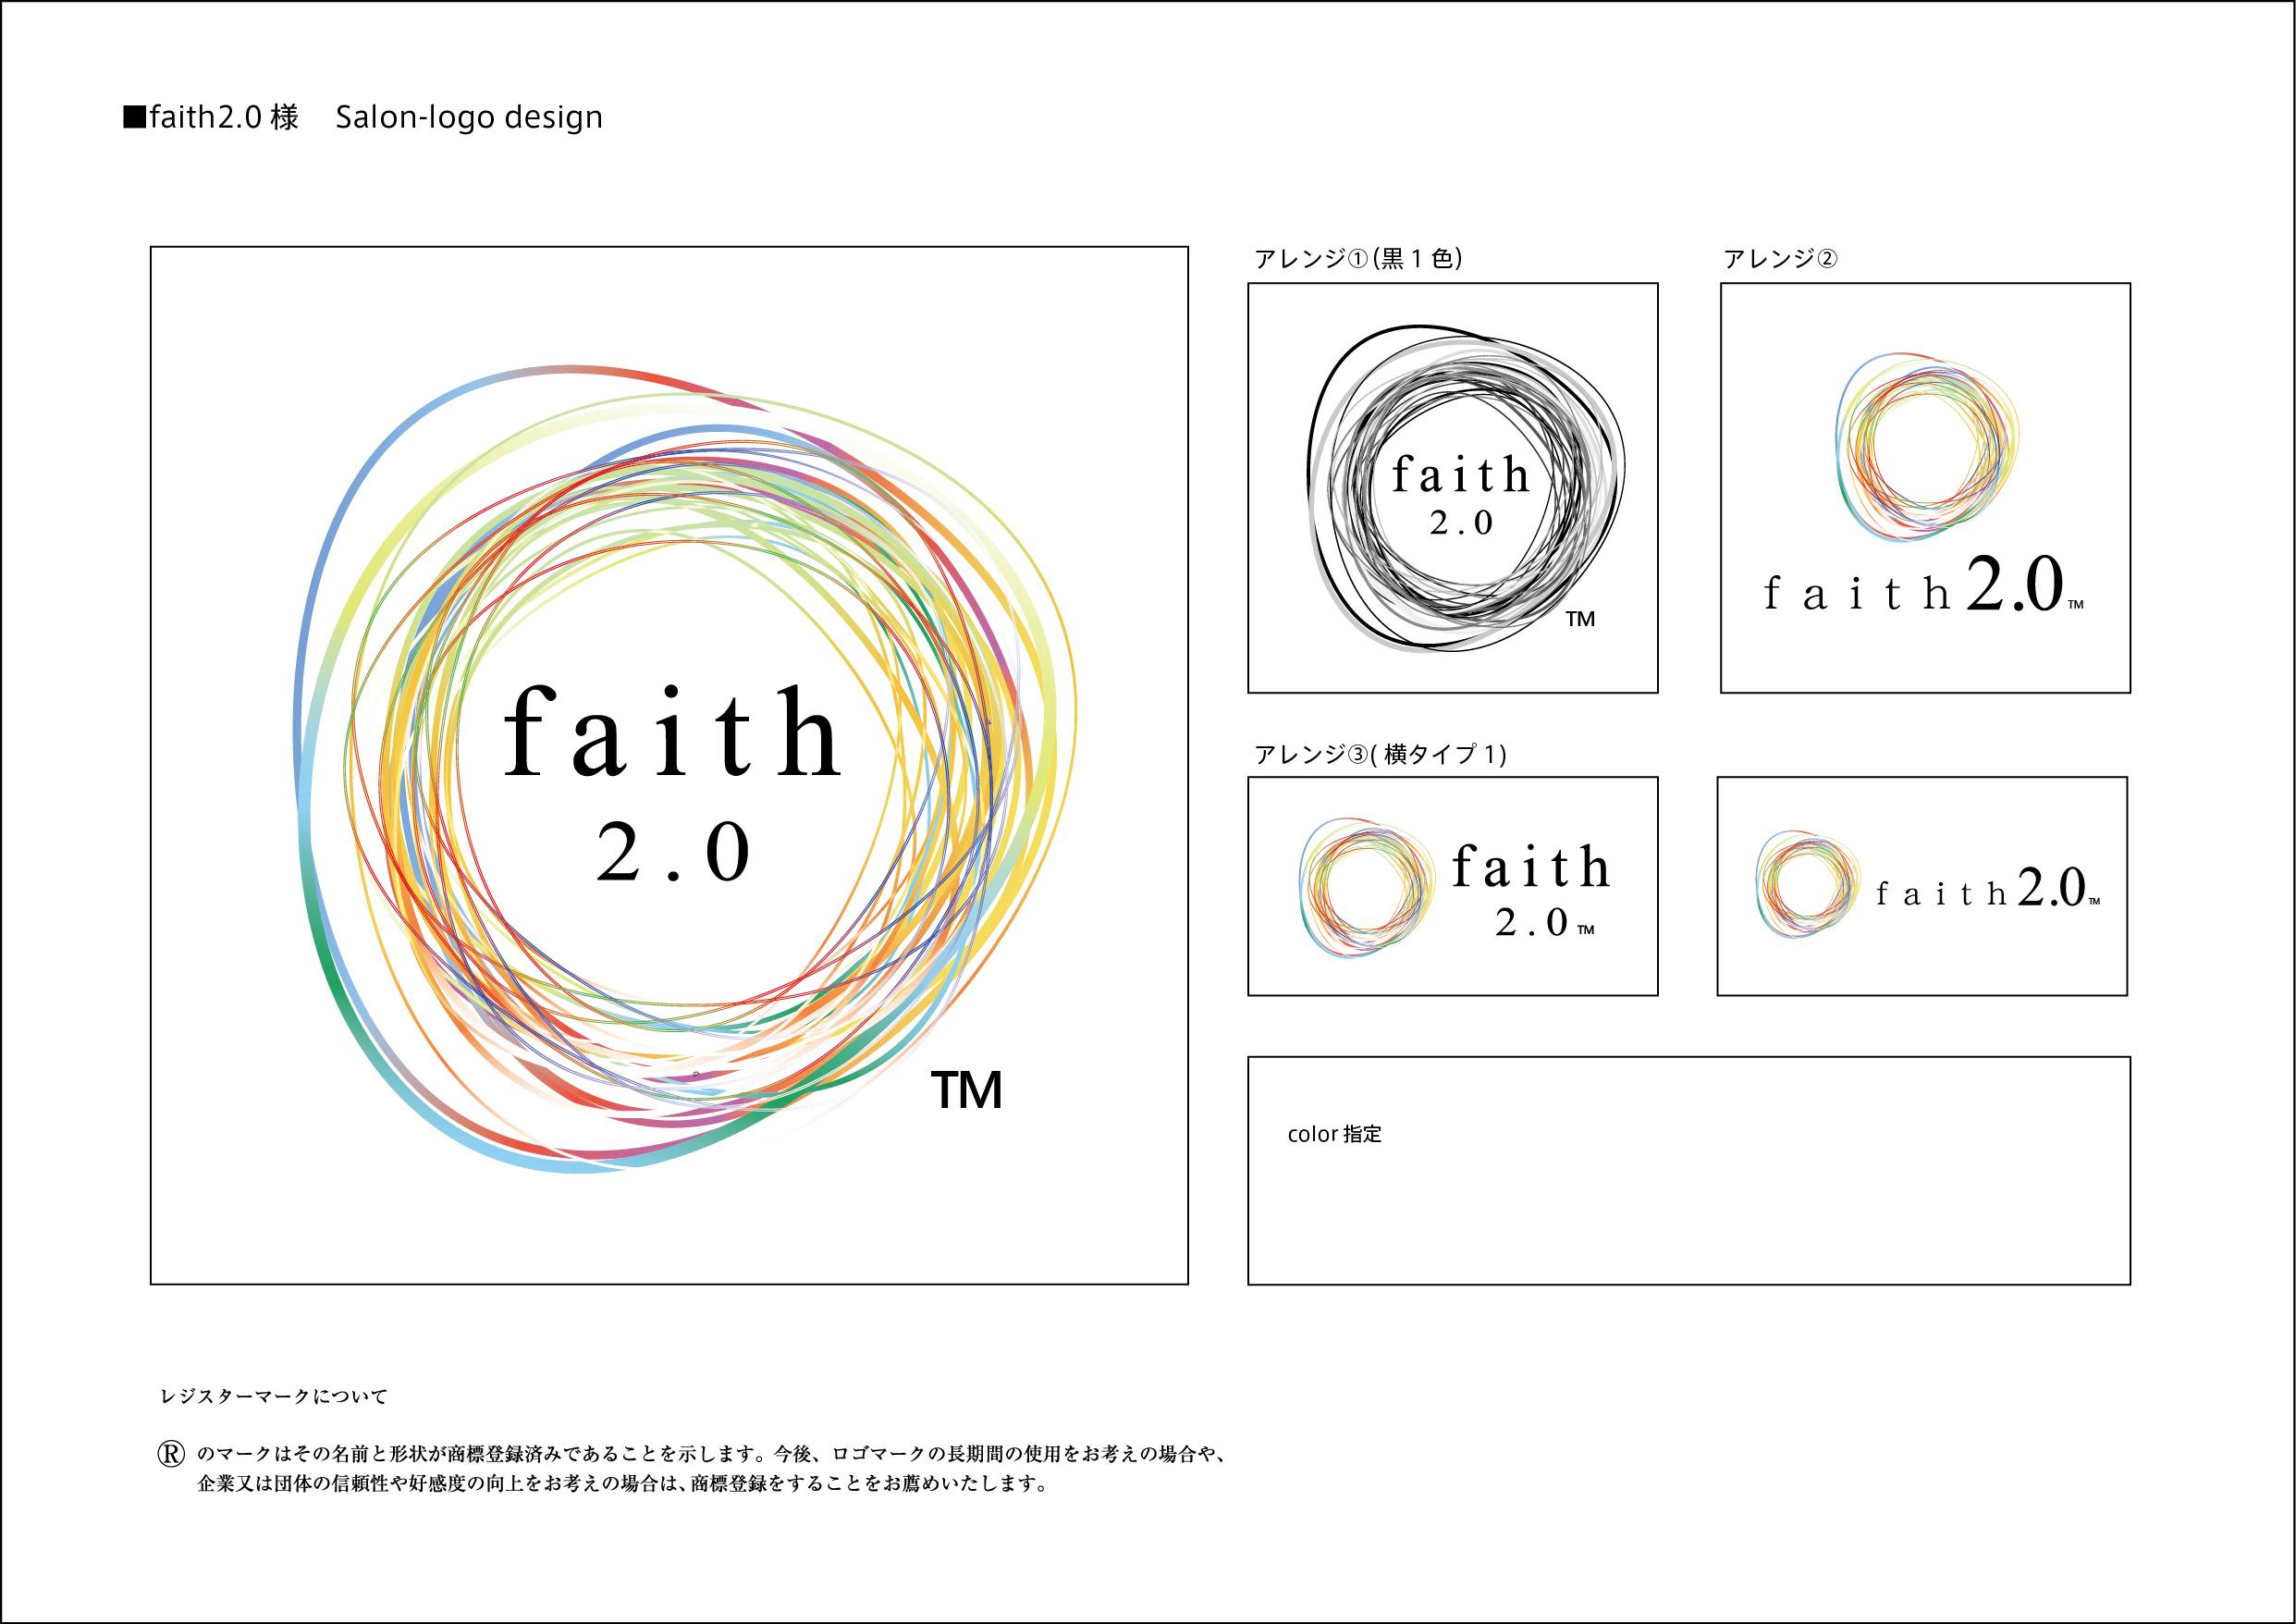 フェイス2.0ロゴデザイン最終